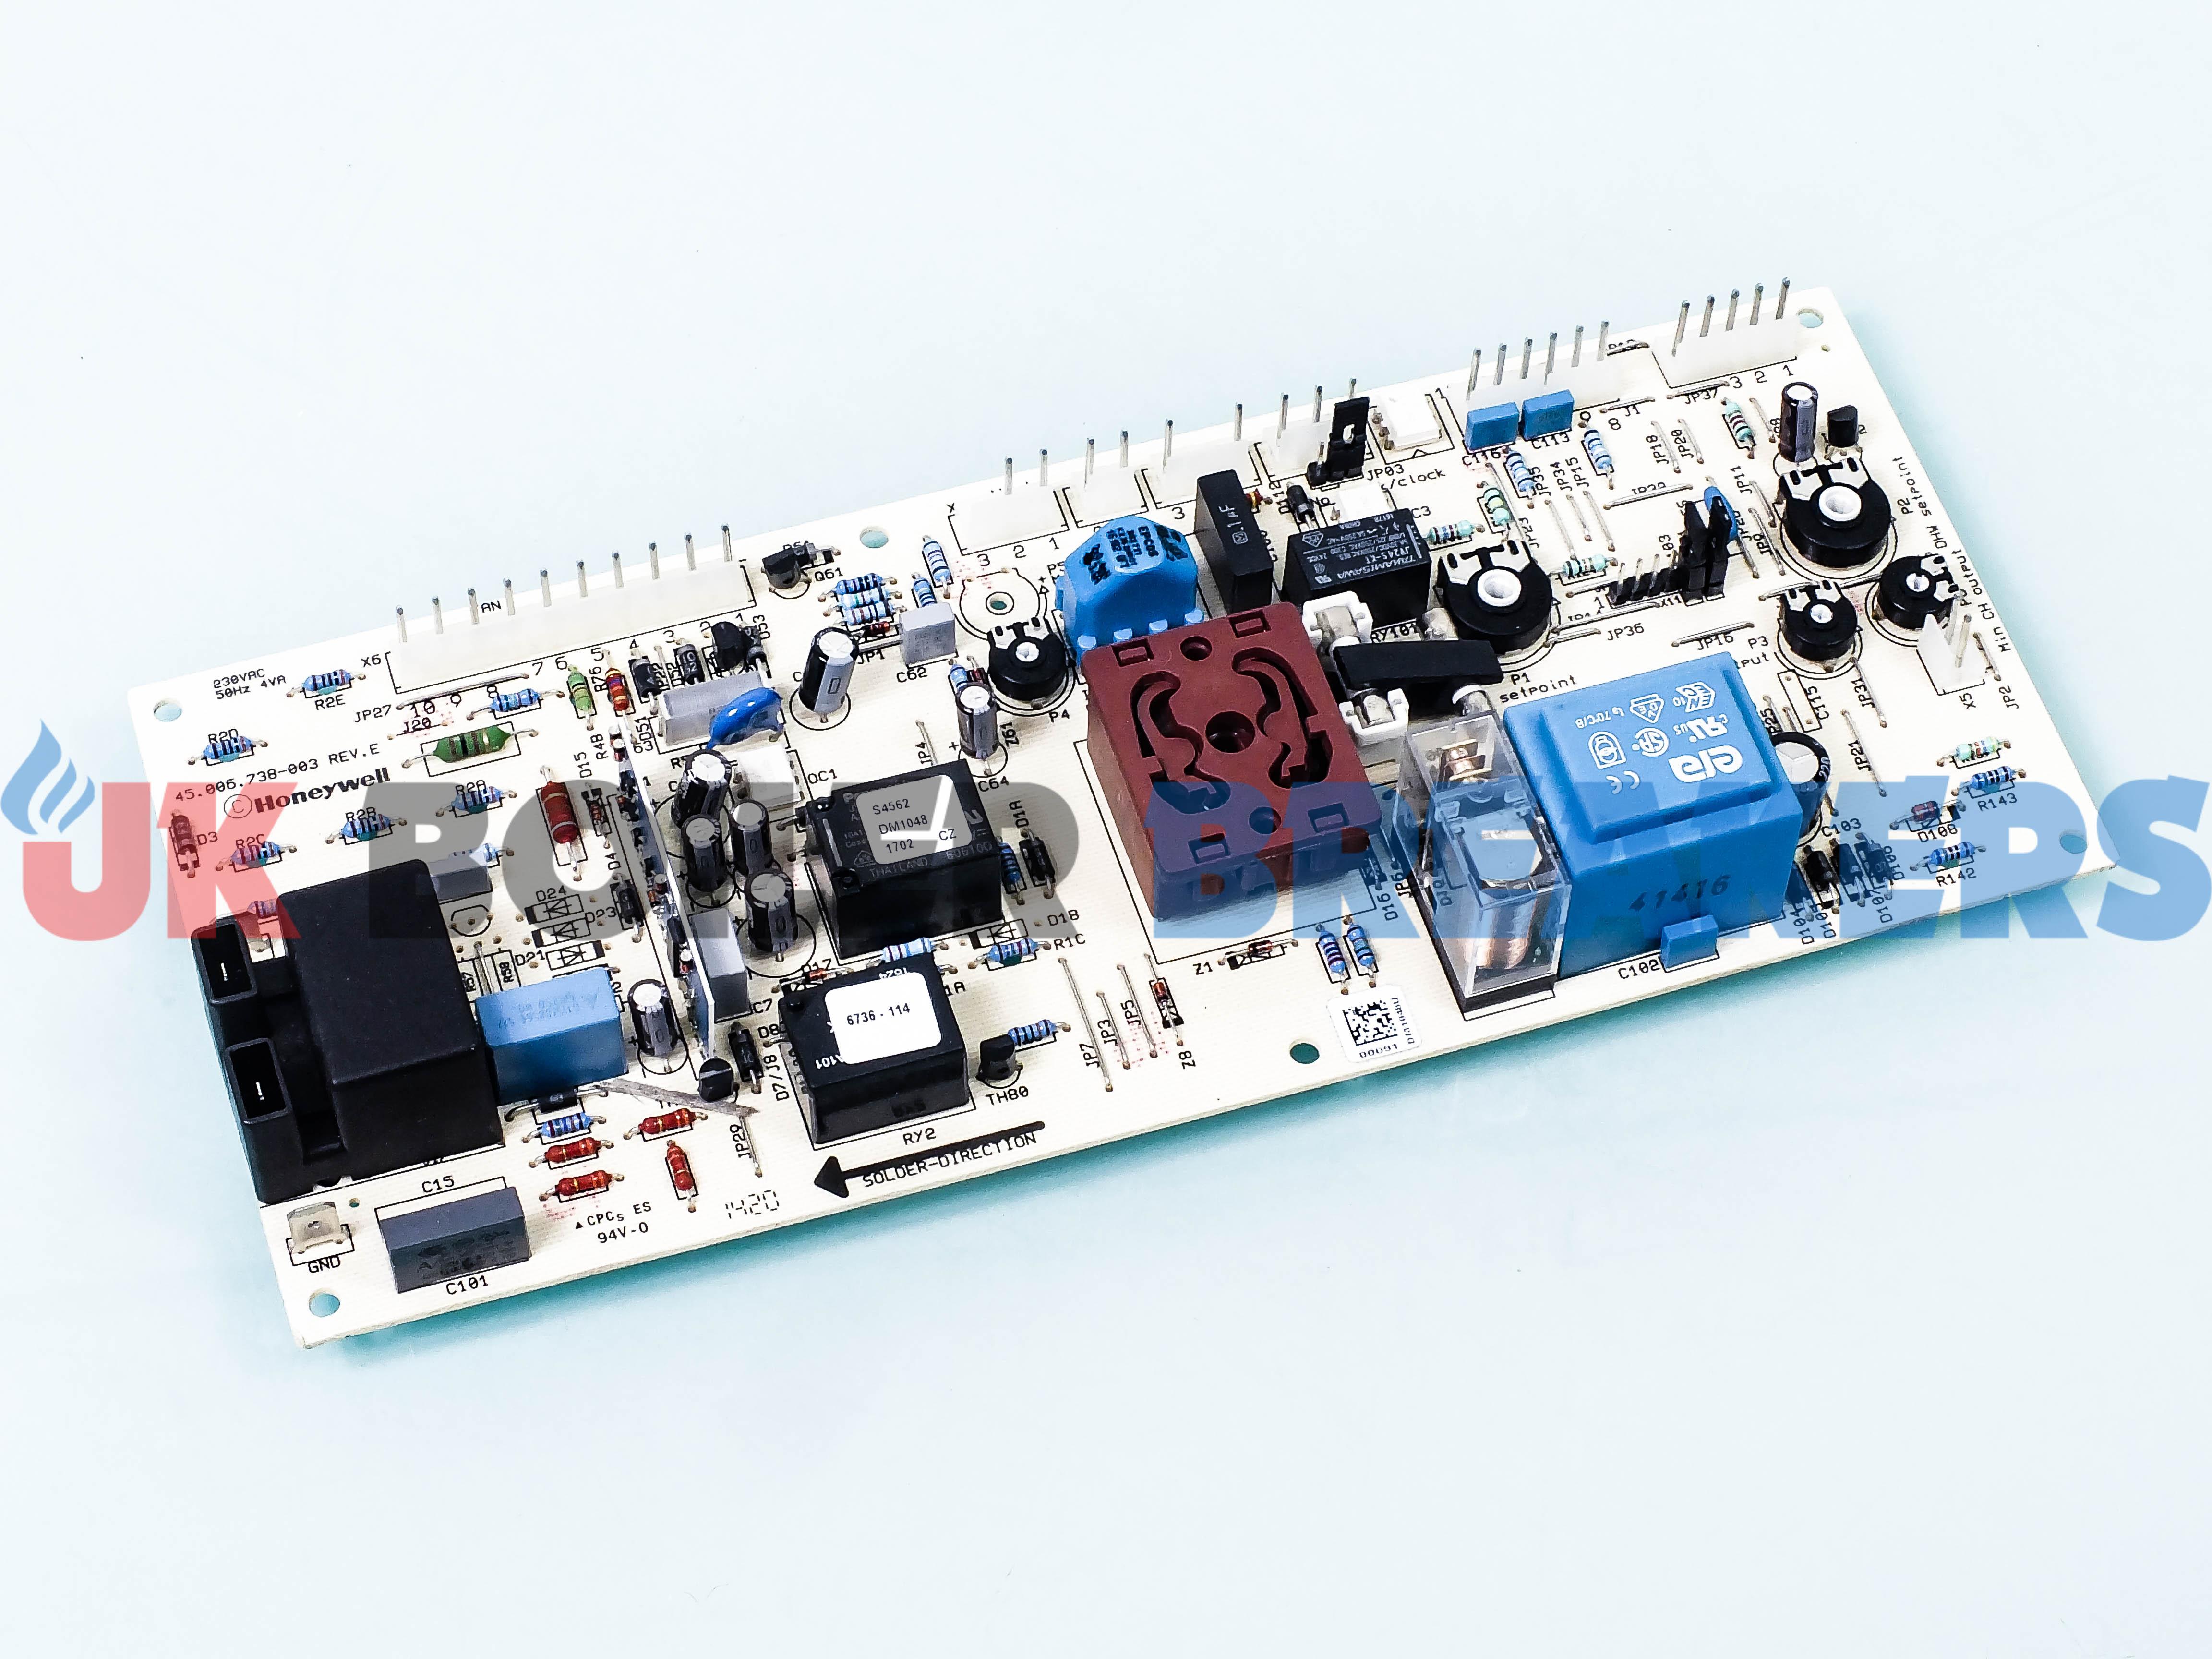 Vaillant Printed Circuit Board 130837 Gc 41 044 30 Uk Boilerbreakers Printers